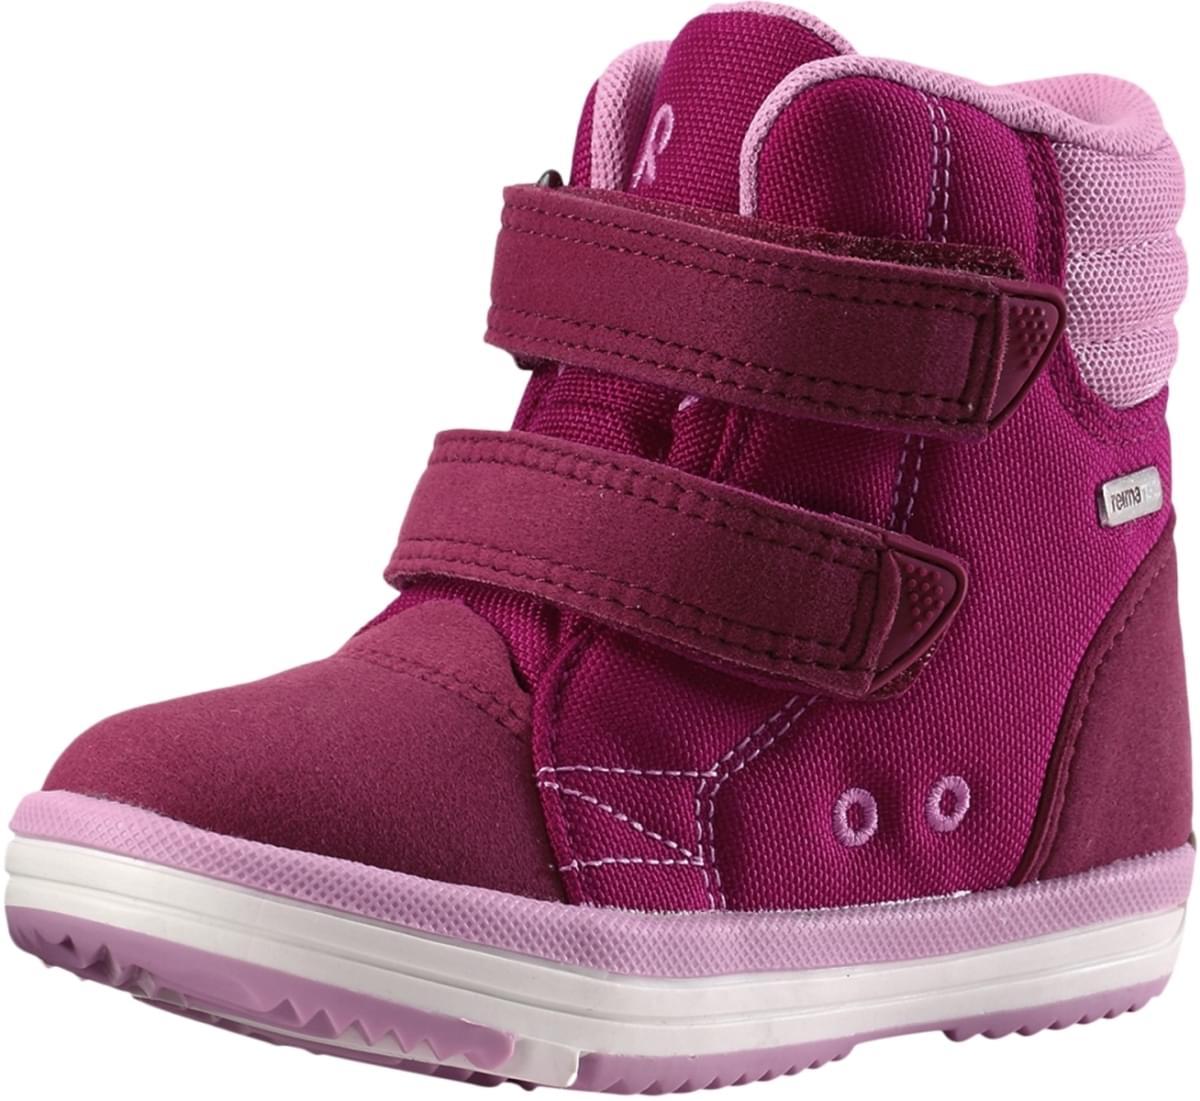 4a73ea00014 Dětské boty Reima Patter Wash - Dark berry - Skibi Kids